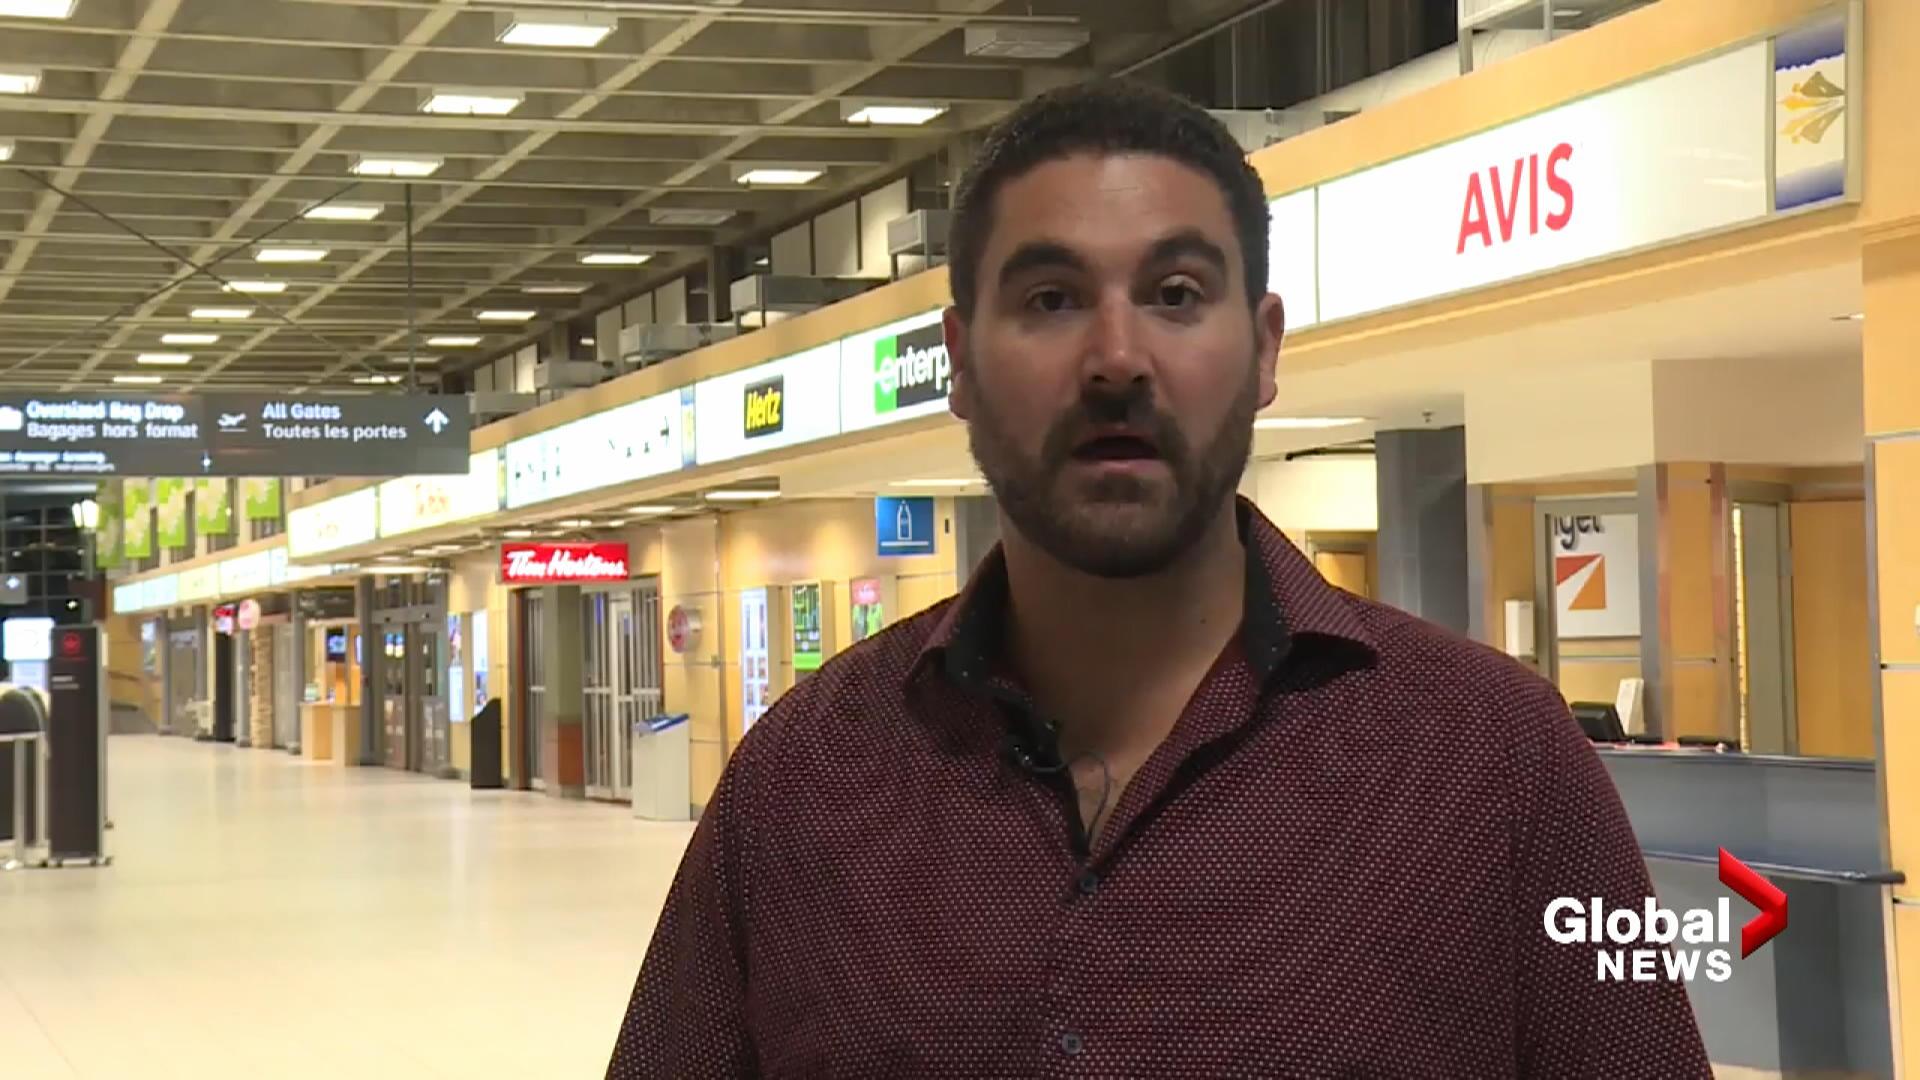 Avis kelowna airport